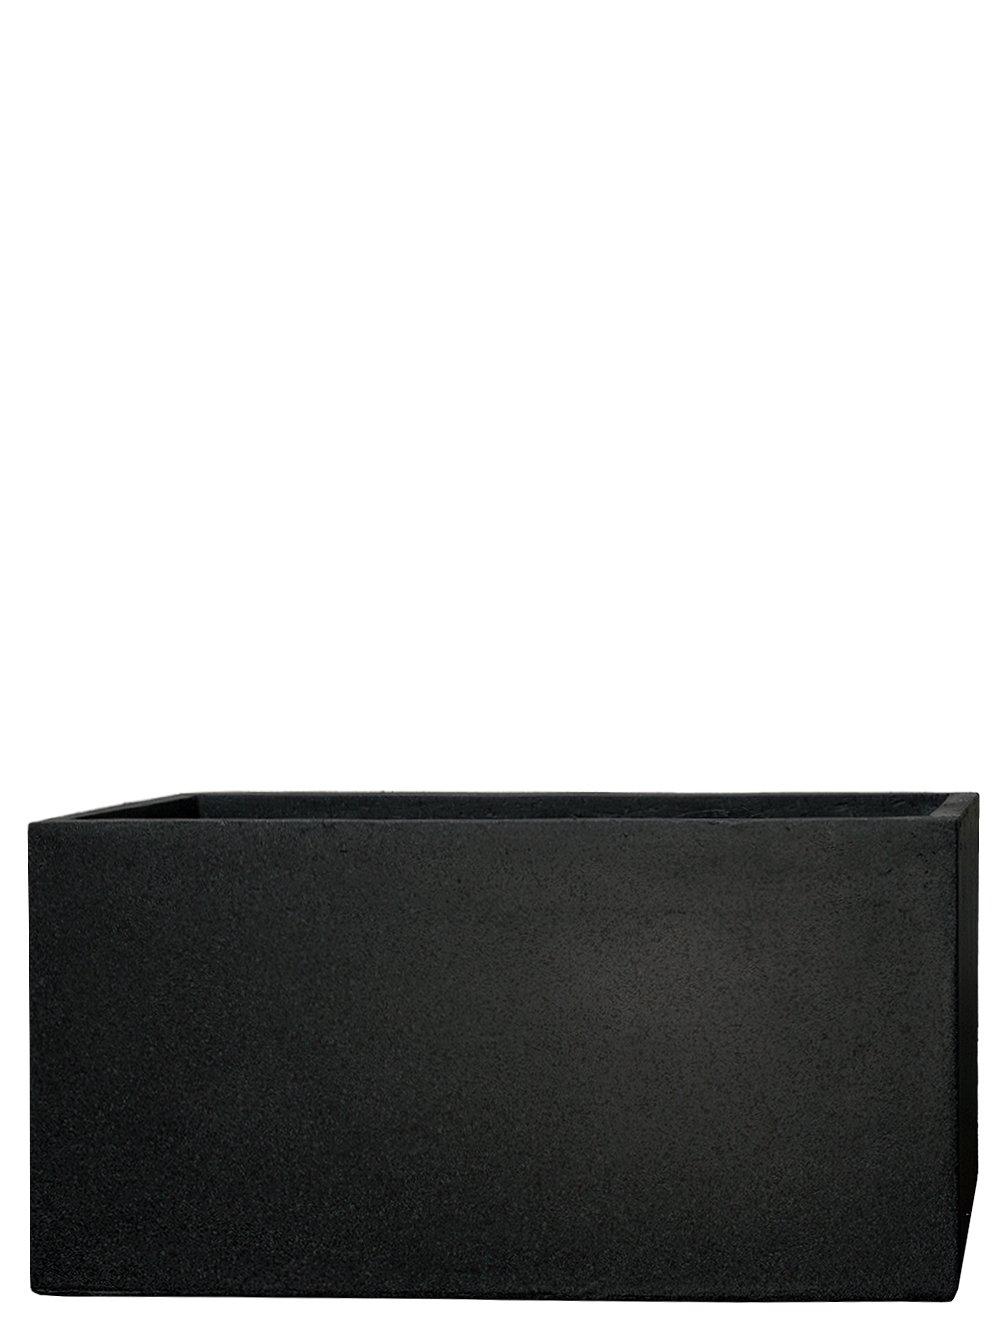 PFLANZWERK® Pflanzkübel TUB Granit Anthrazit 45x100x45cm *Frostbeständig* *UV-Schutz* *Qualitätsware*